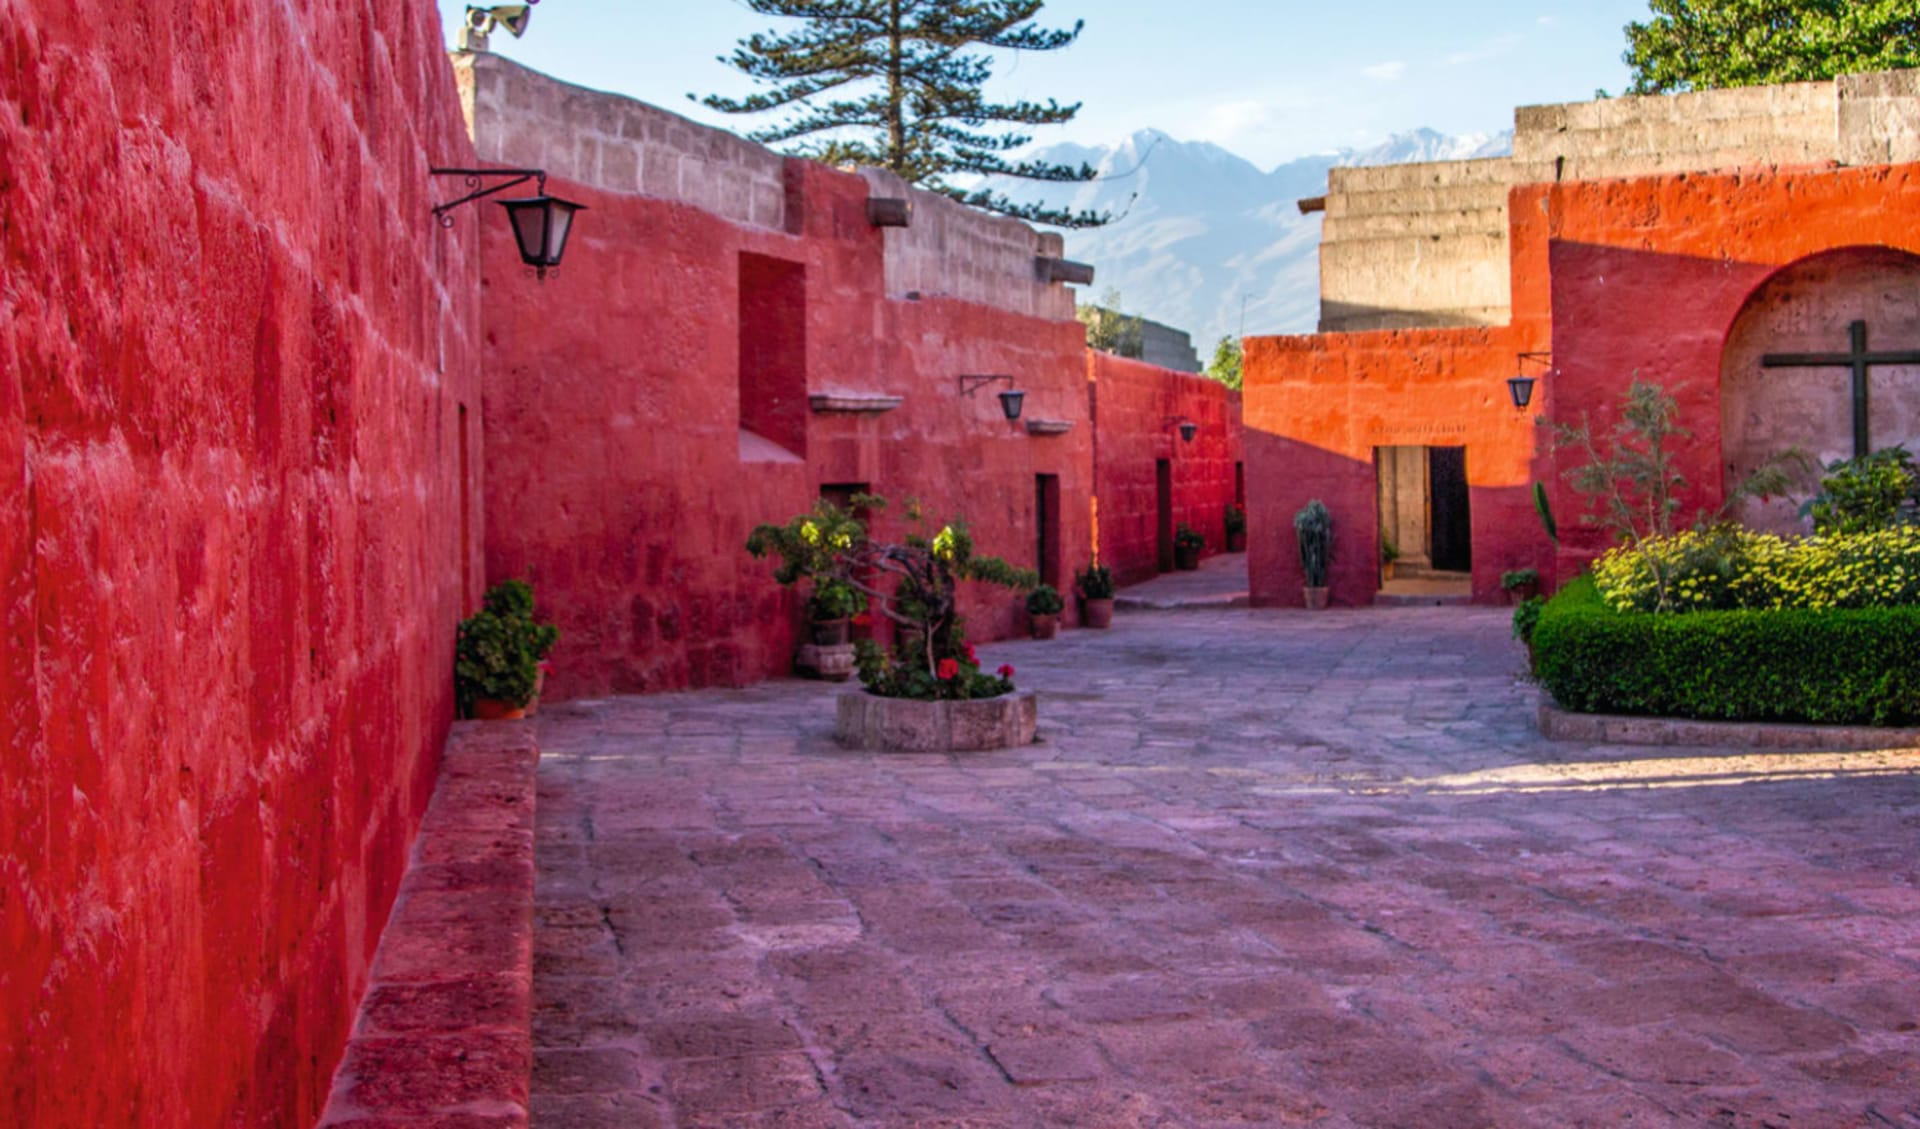 Lima - Nazca - Arequipa: Peru - Santa Catalina - farbige Häuser